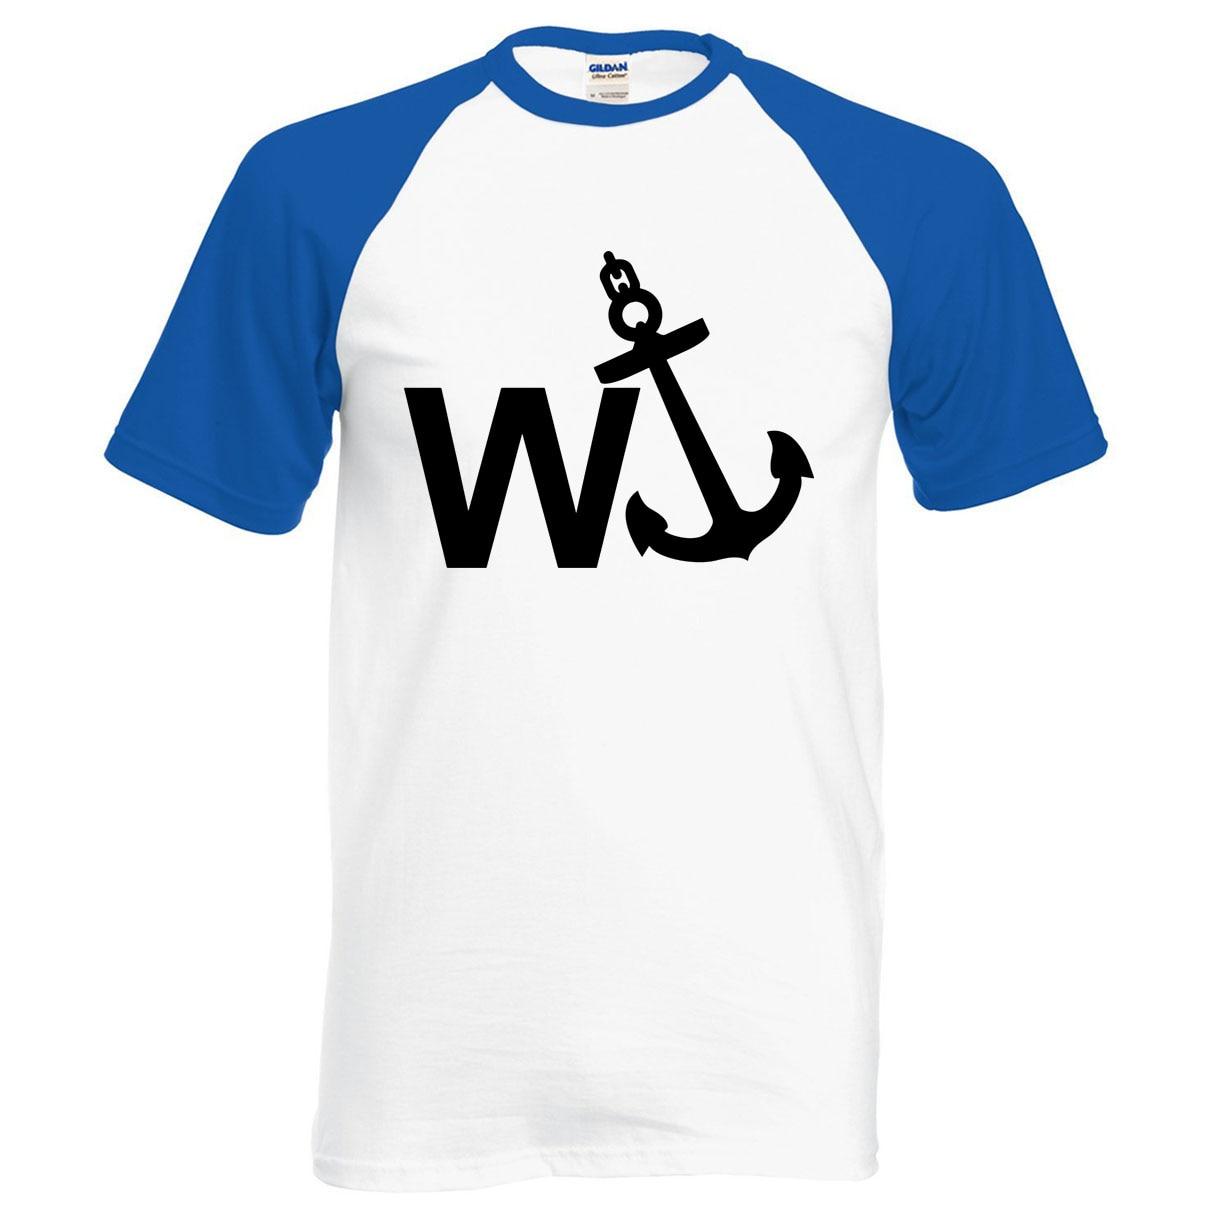 WAnker Engraçado Comédia Âncora Rude camisa dos homens t 2019 verão 100% algodão de alta qualidade homens raglan t-shirt da forma de manga curta camisa